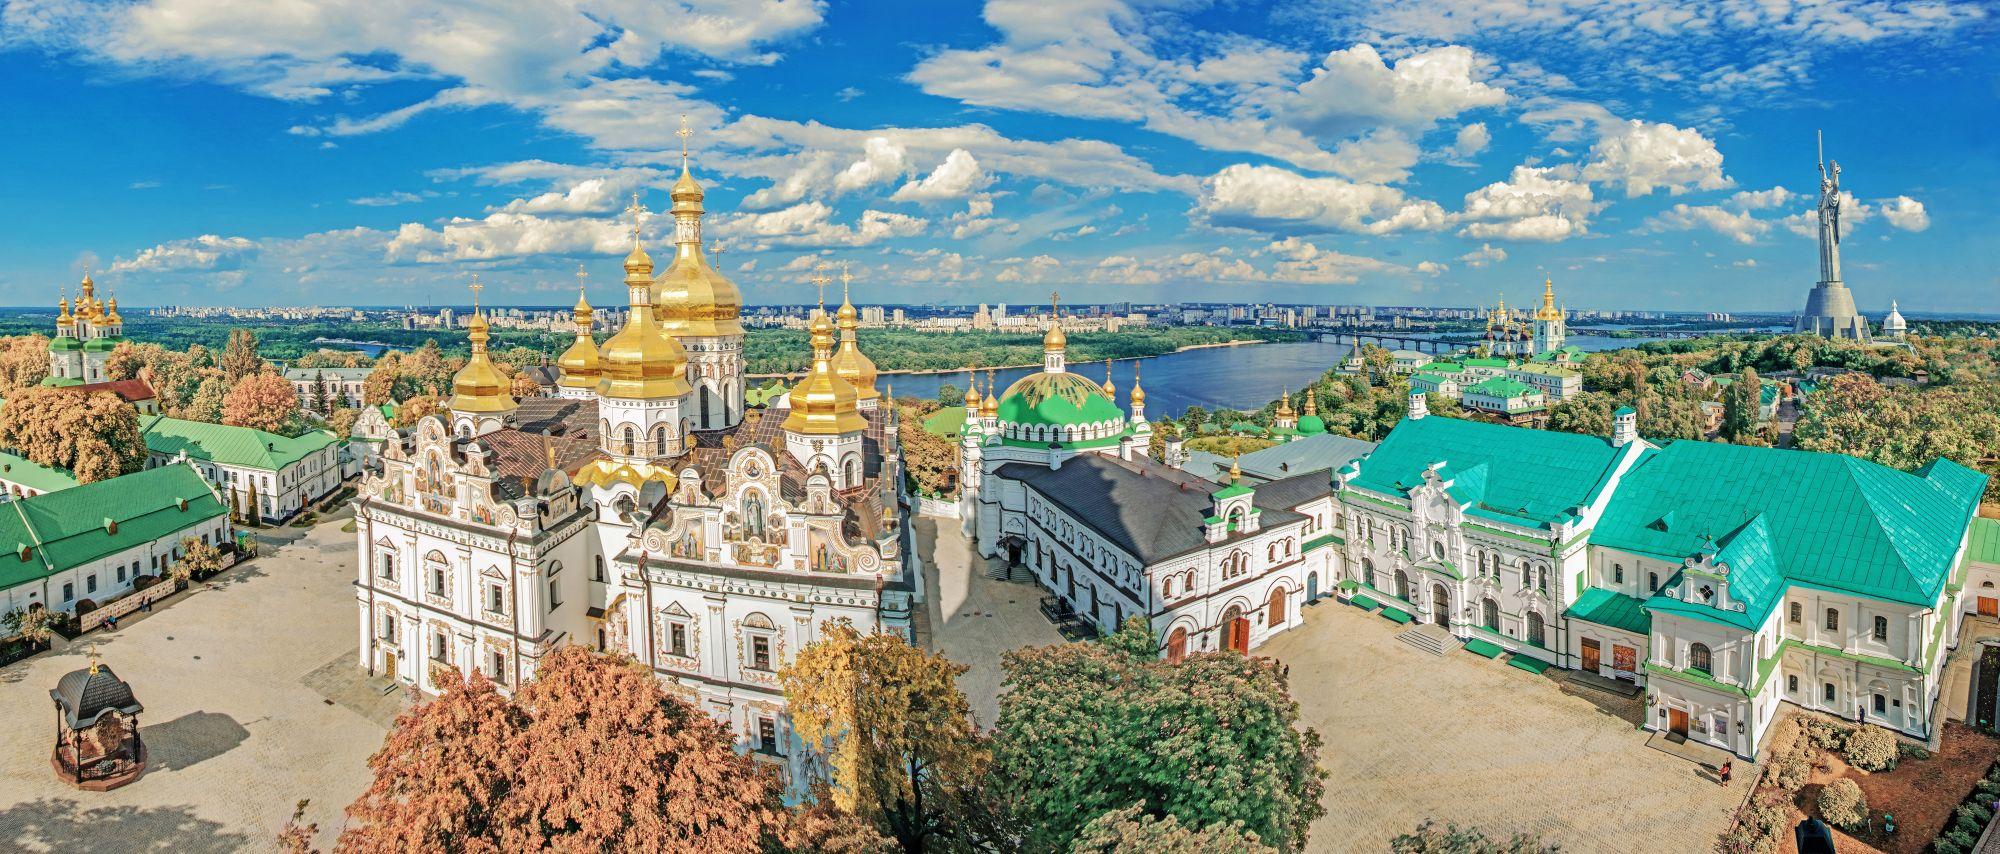 Podsumowanie rocznej terapii leczenia autyzmu dr. Maltseva – IVIG dożylnie podawananymi immunoglobulinami w Kijowie